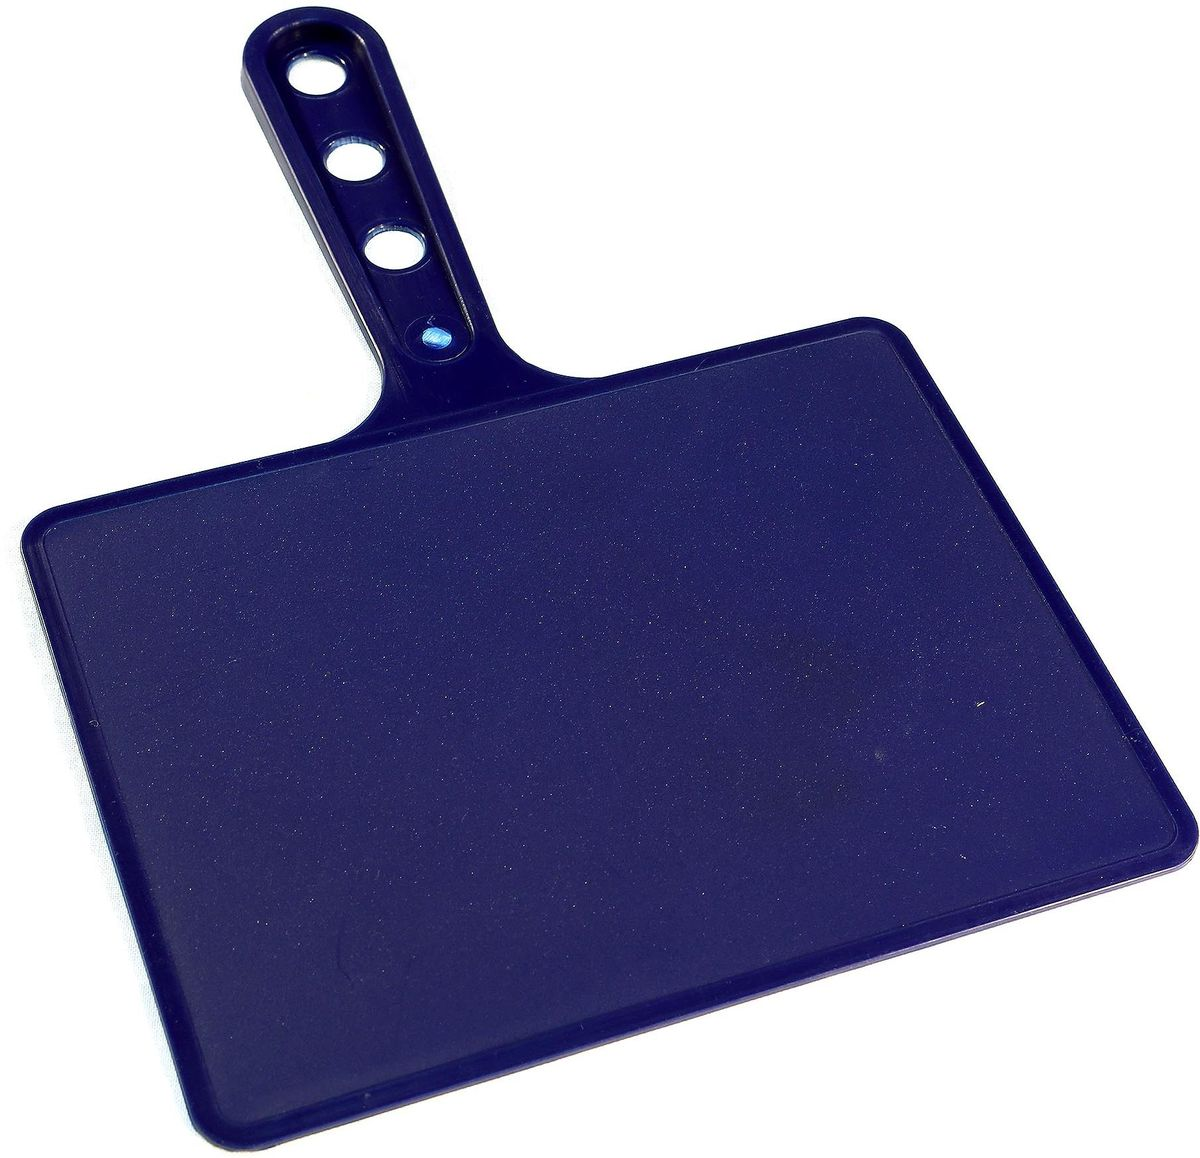 Веер для мангала BG, цвет: синий. 150181391602Предназначен для раздува углей в мангале. Изготовлен из высококачественного пластика(ПЭНД), одна сторона глянец, вторая шагрень. Ручка имеет 3 отверстия. Можно использовать как разделочную доску для мяса, нарезки овощей или хлеба. Рабочая поверхность выполнена в виде прямоугольника, размер: 197 х 148 мм.